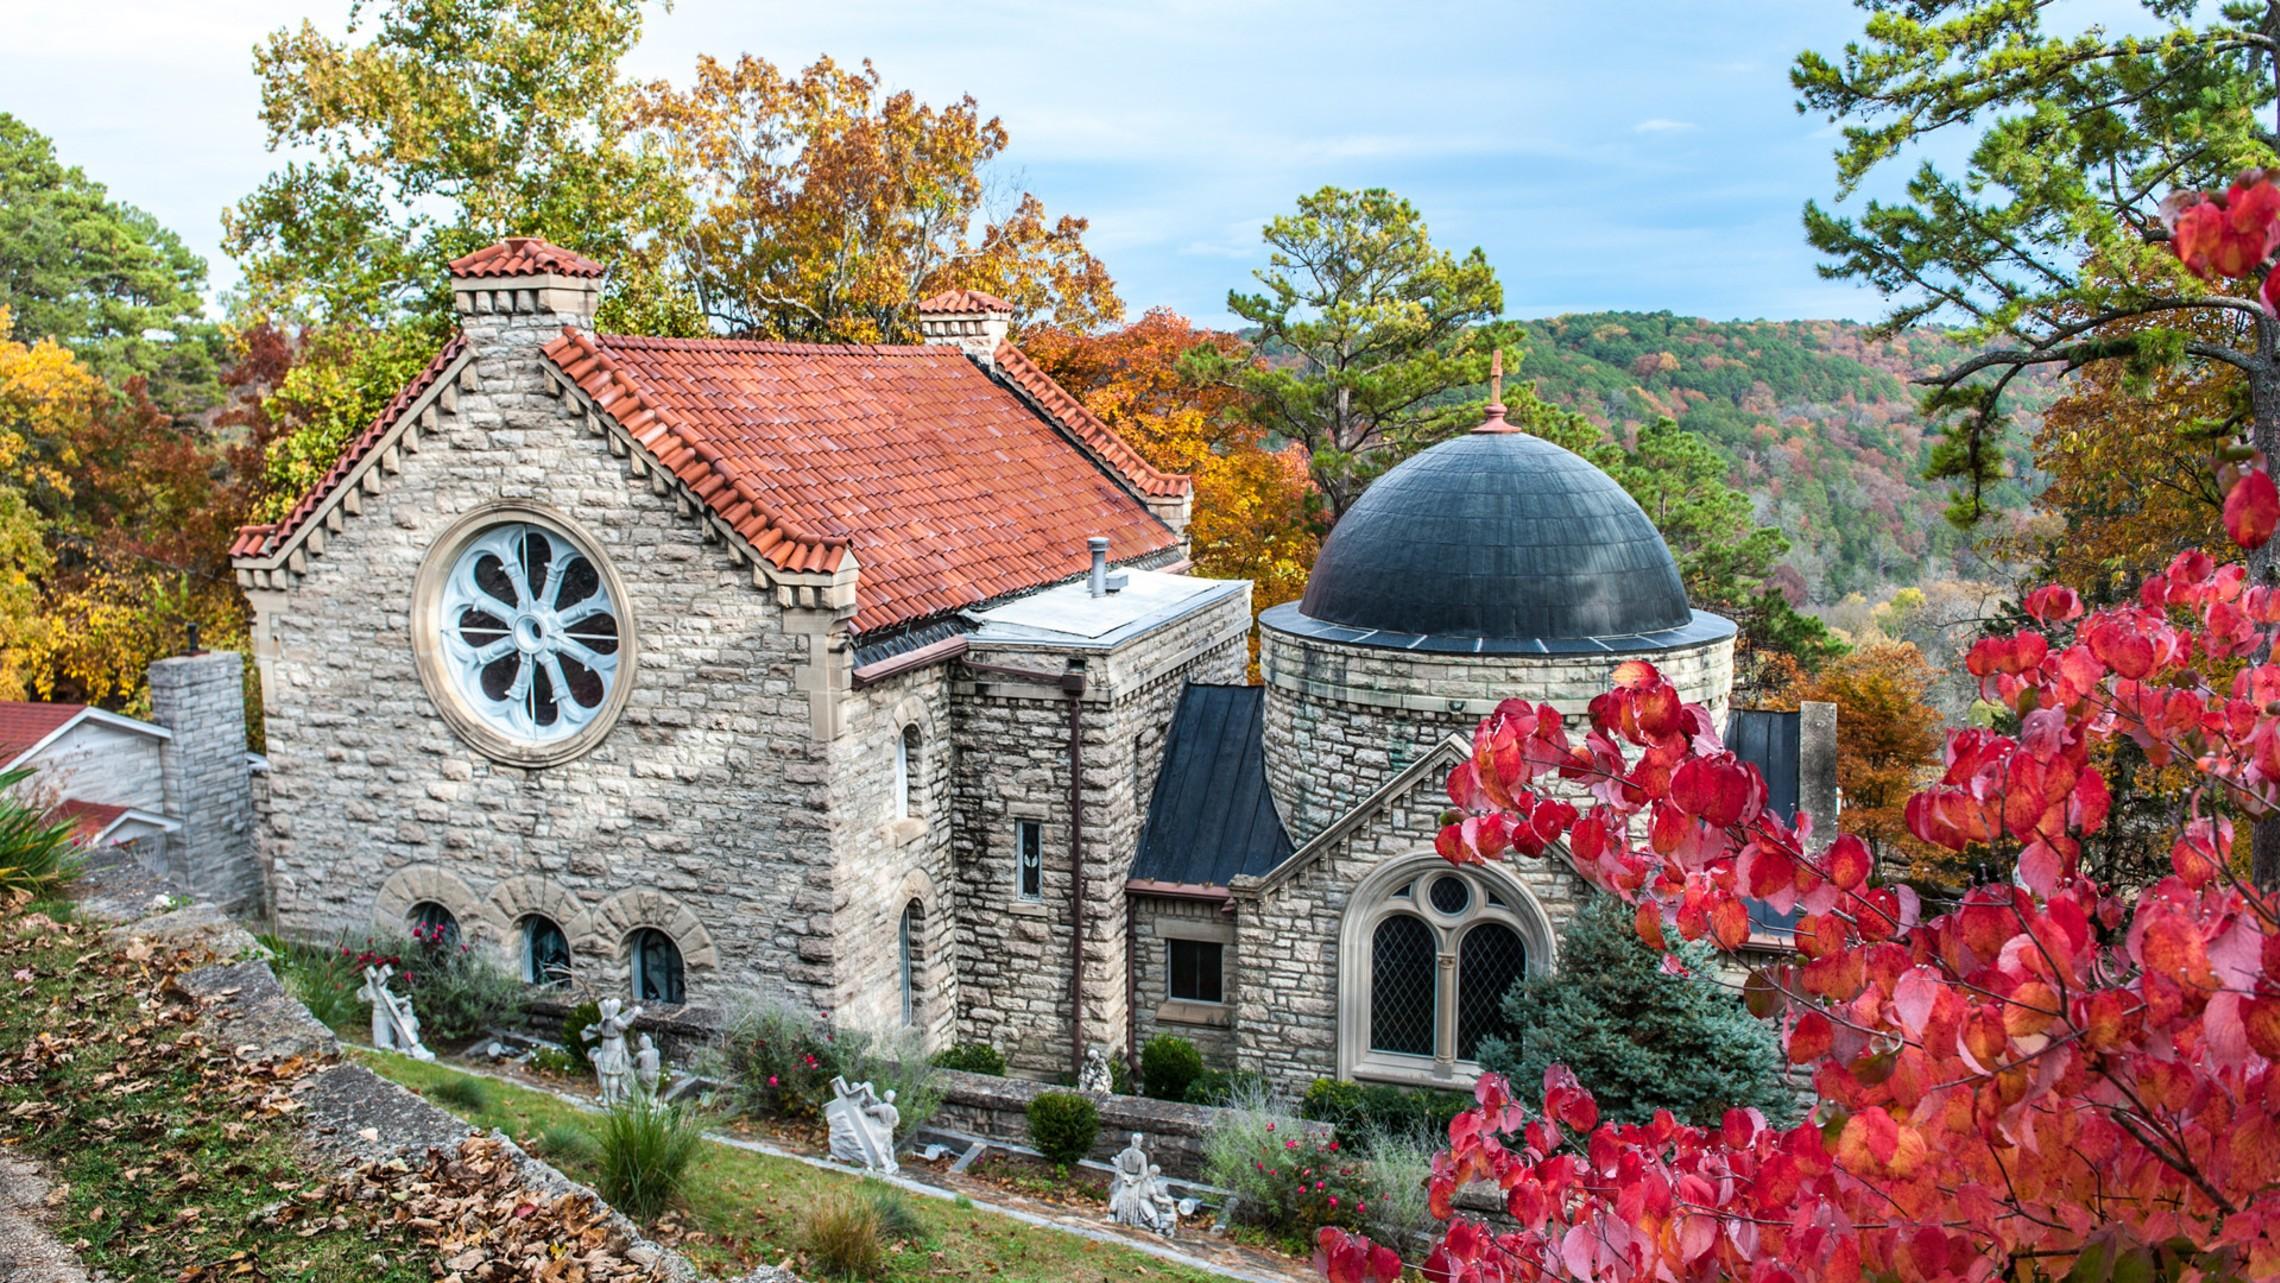 Church In Fall 1920 X 1080